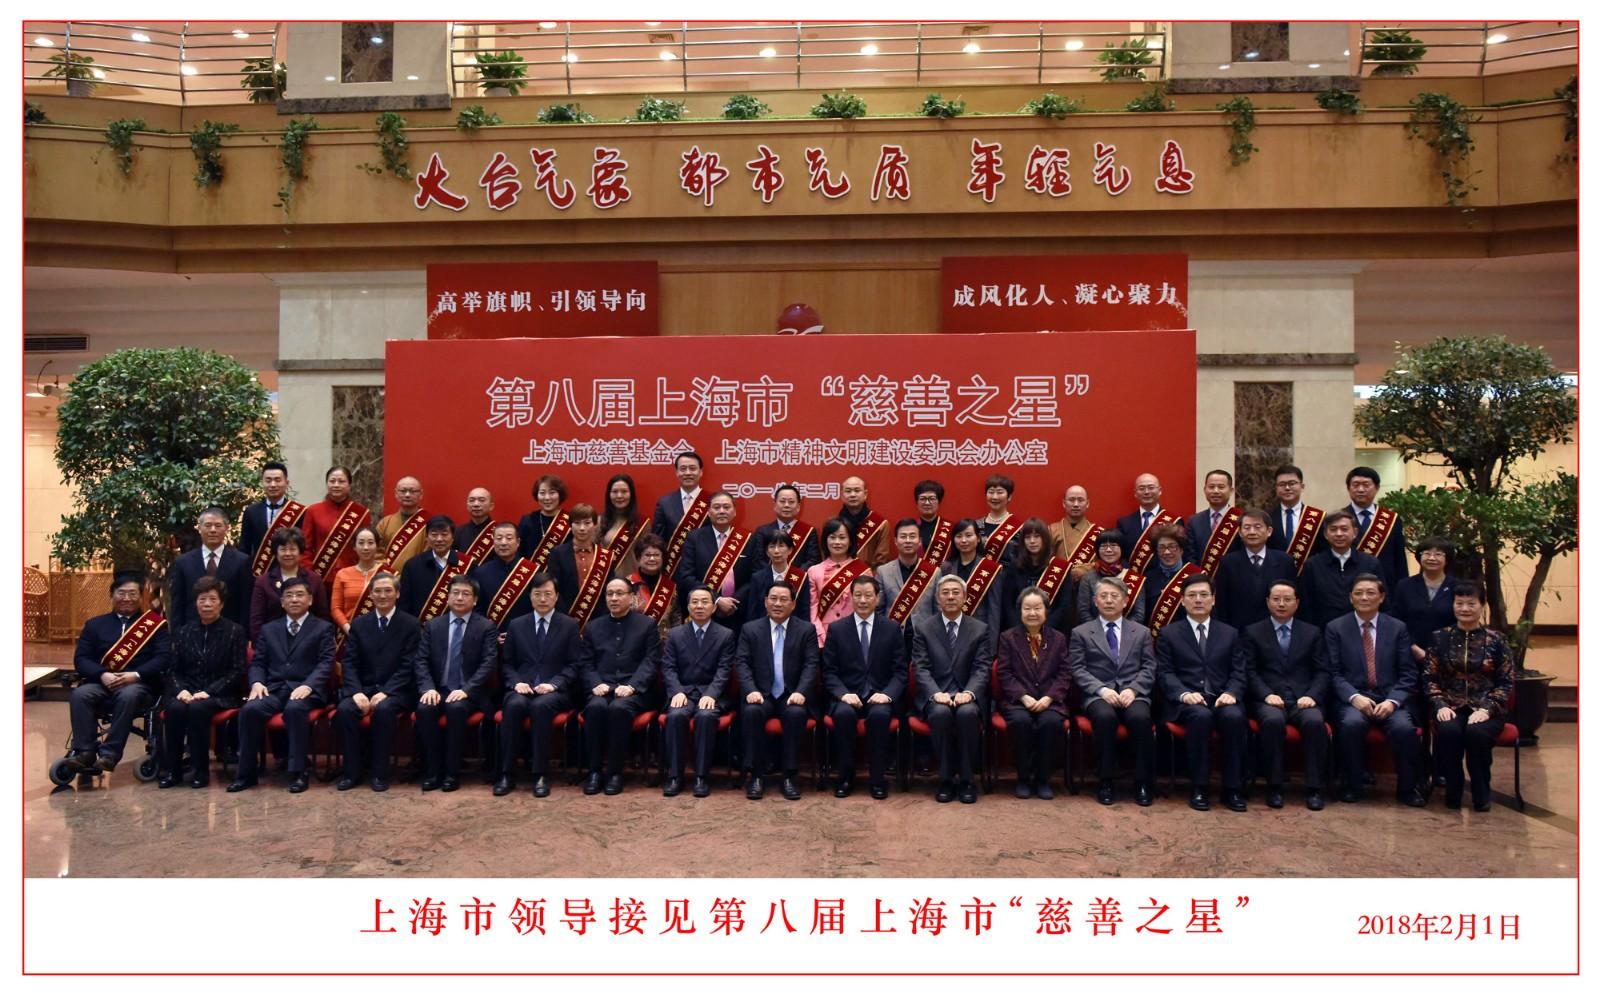 """第八届上海市""""慈善之星""""接受市领导接见并合影.jpg"""